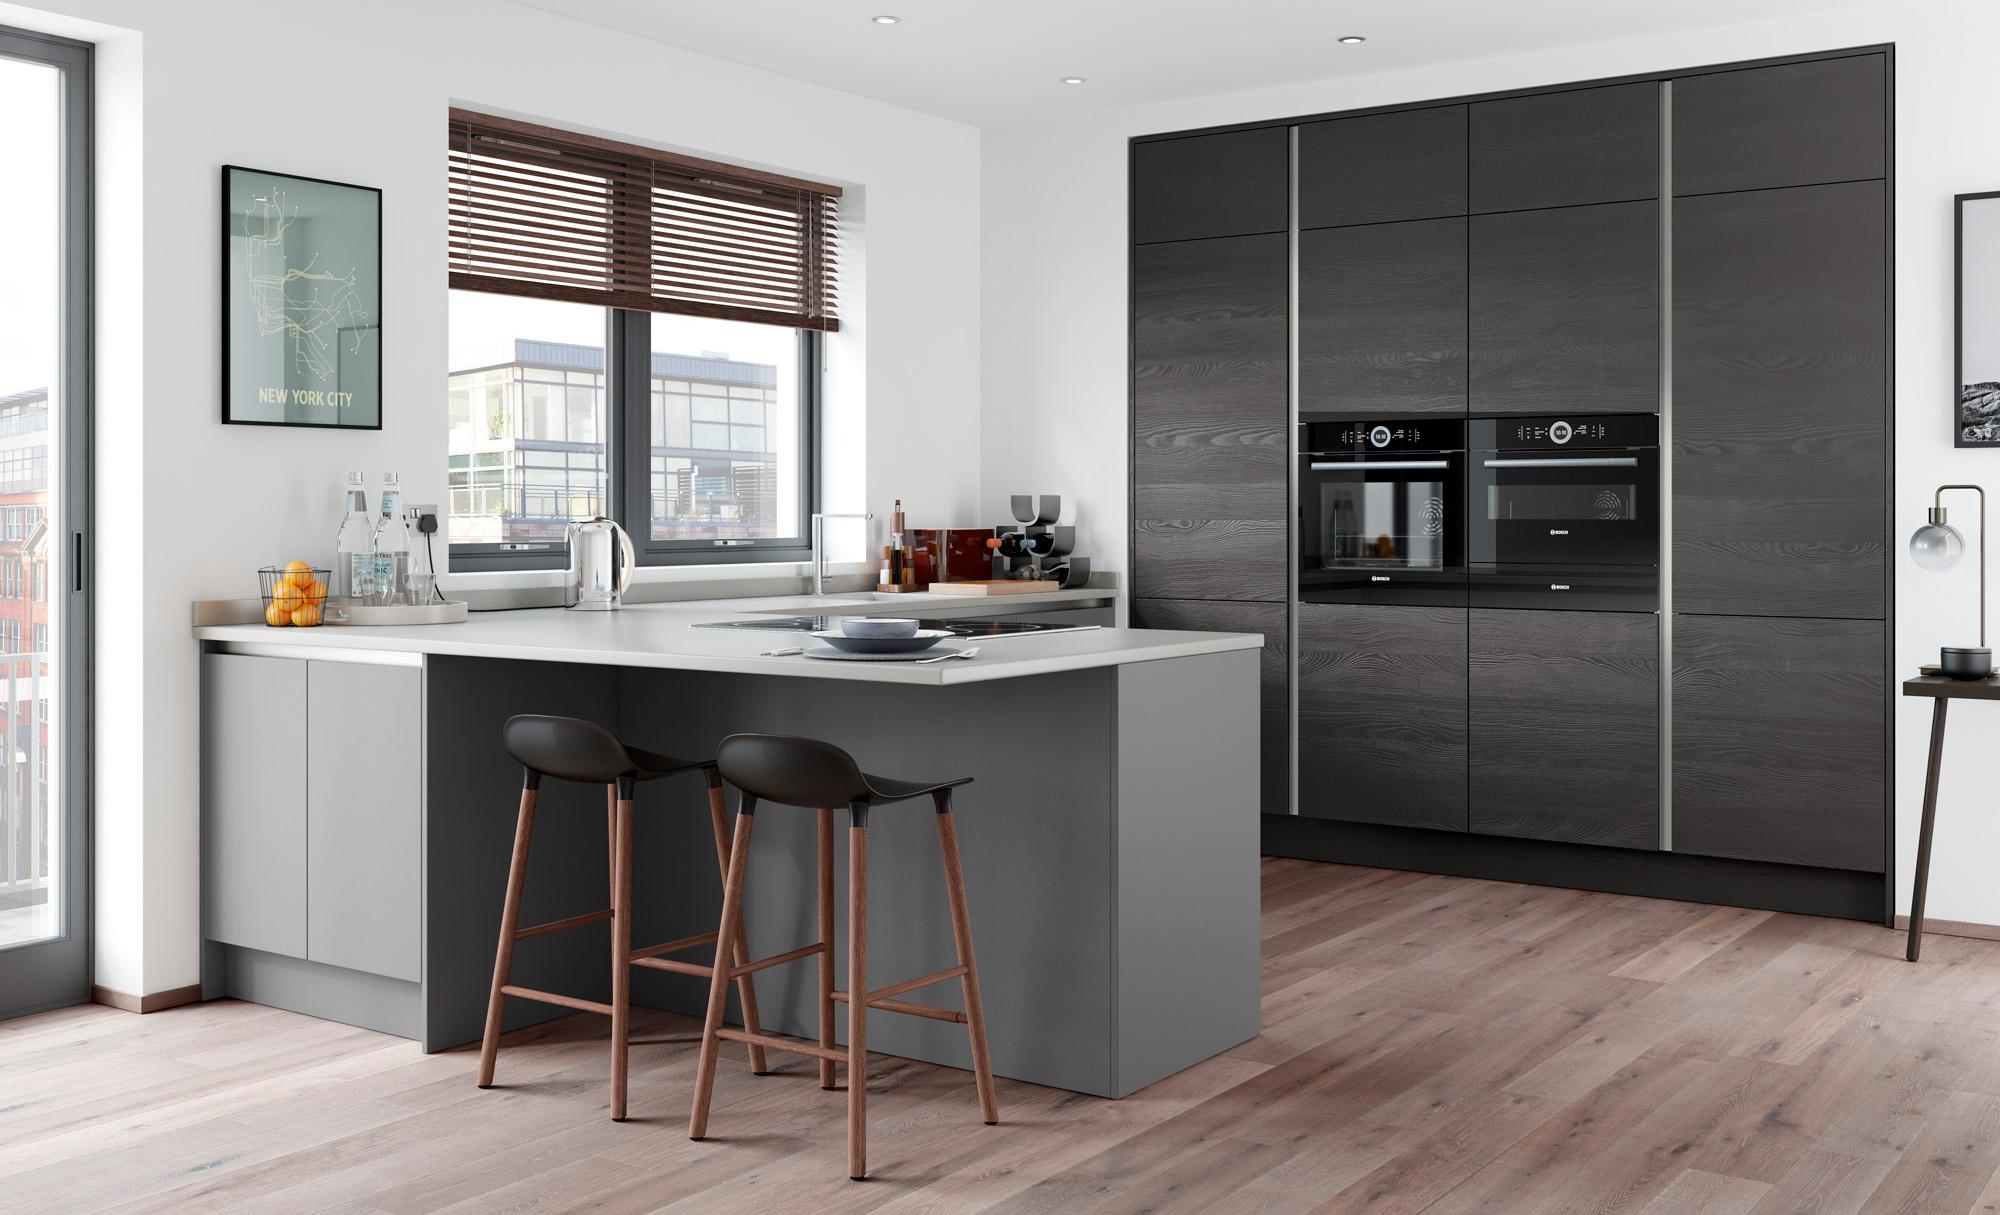 Modern Contemporary Handleless Kitchen - Tavola Hacienda Black, Zola Matte Dust Grey - Kitchen Design - Alan Kelly Kitchens - Waterford